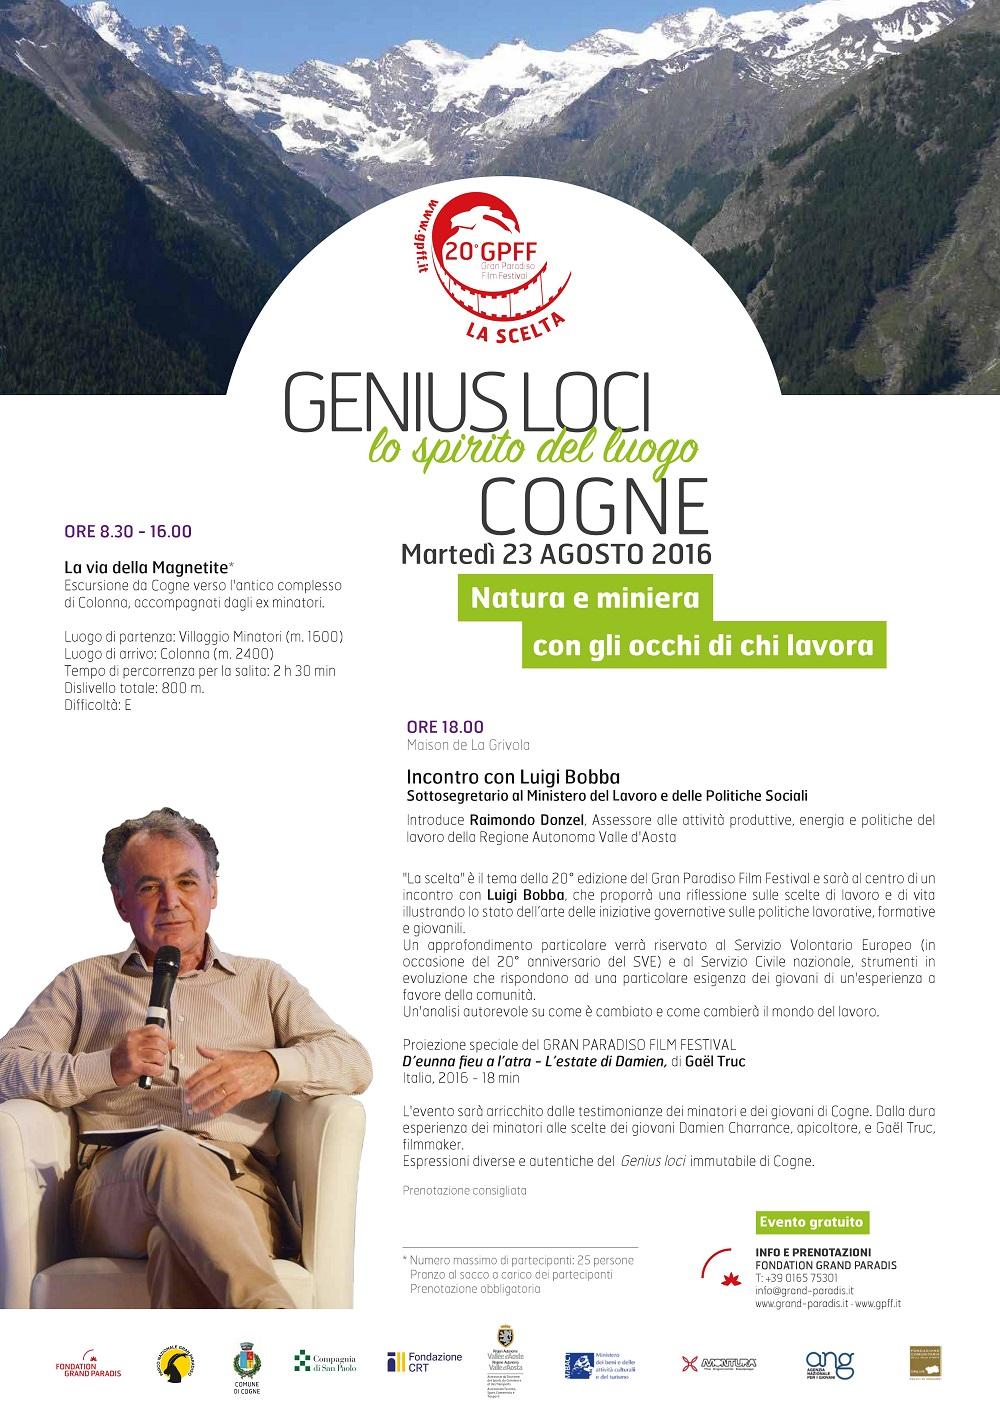 Genius Loci Cogne